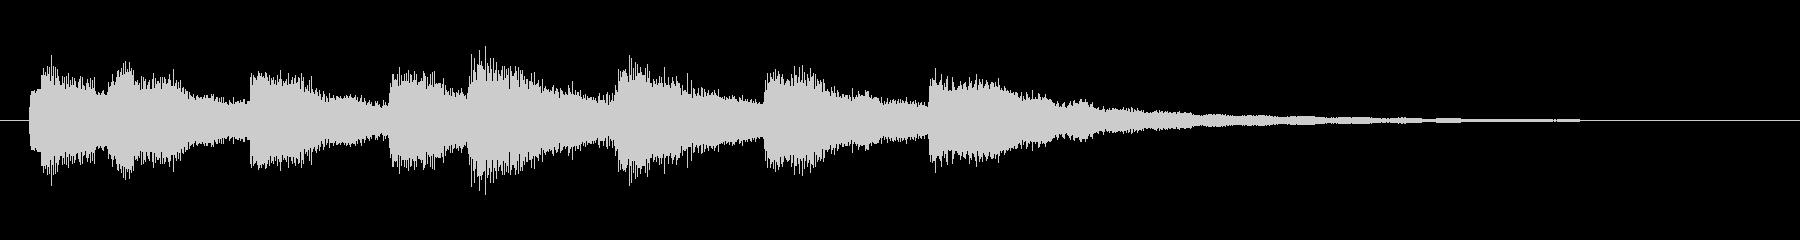 ベル音色の快活なジングルの未再生の波形